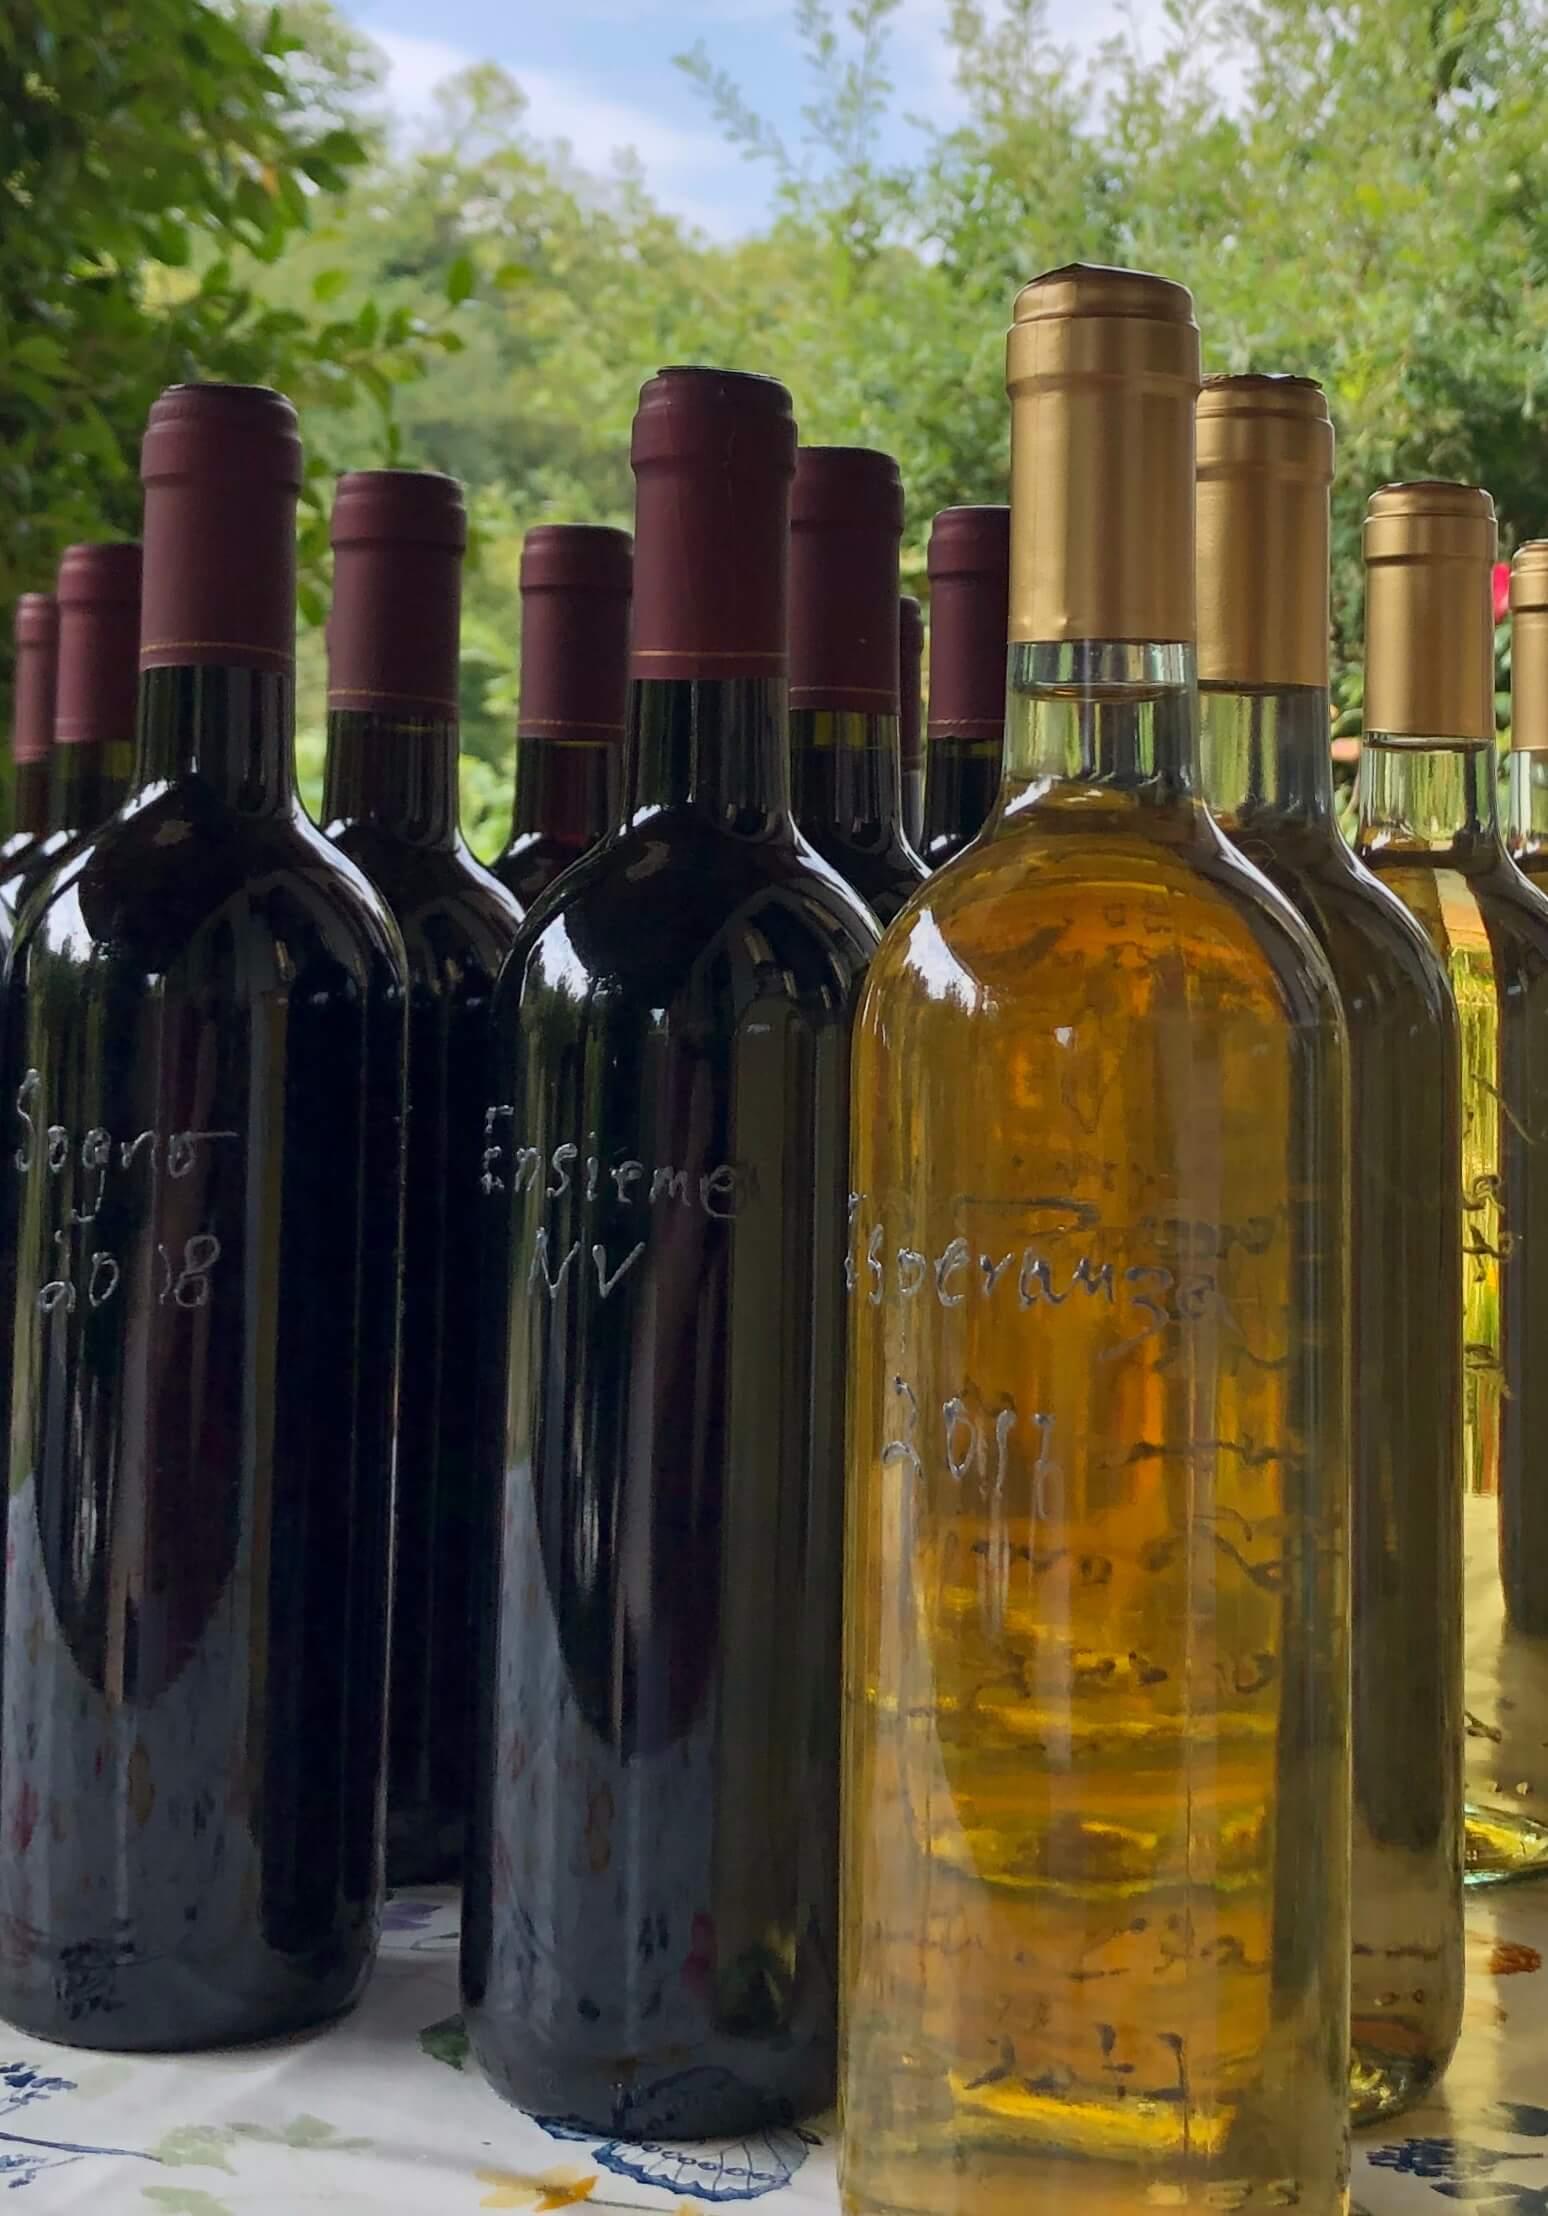 Hvor lenge skal man egentlig vente med å ta en beslutning? I påvente av at det rette navnet skulle dukke opp, har vinene våre kun hett vino rosso eller bianco. Men nå har jeg spurt meg til råds, og i den kreative prosessen har jeg endelig satt navn på vinene våre. Nå gjenstår kun navn på gården. Har du et forslag?